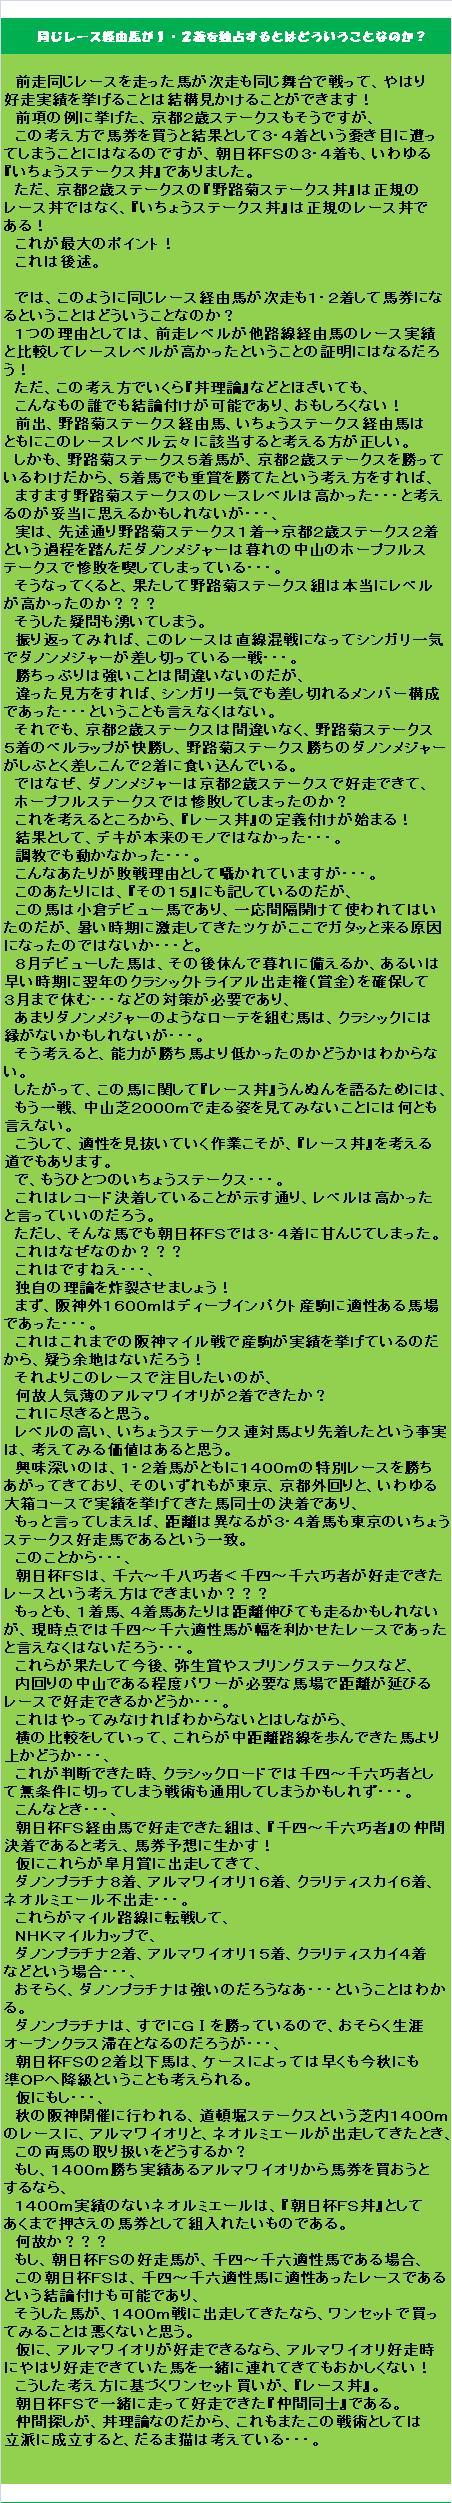 20150211・だるま猫の競馬理念・理論など(16)-③.jpg